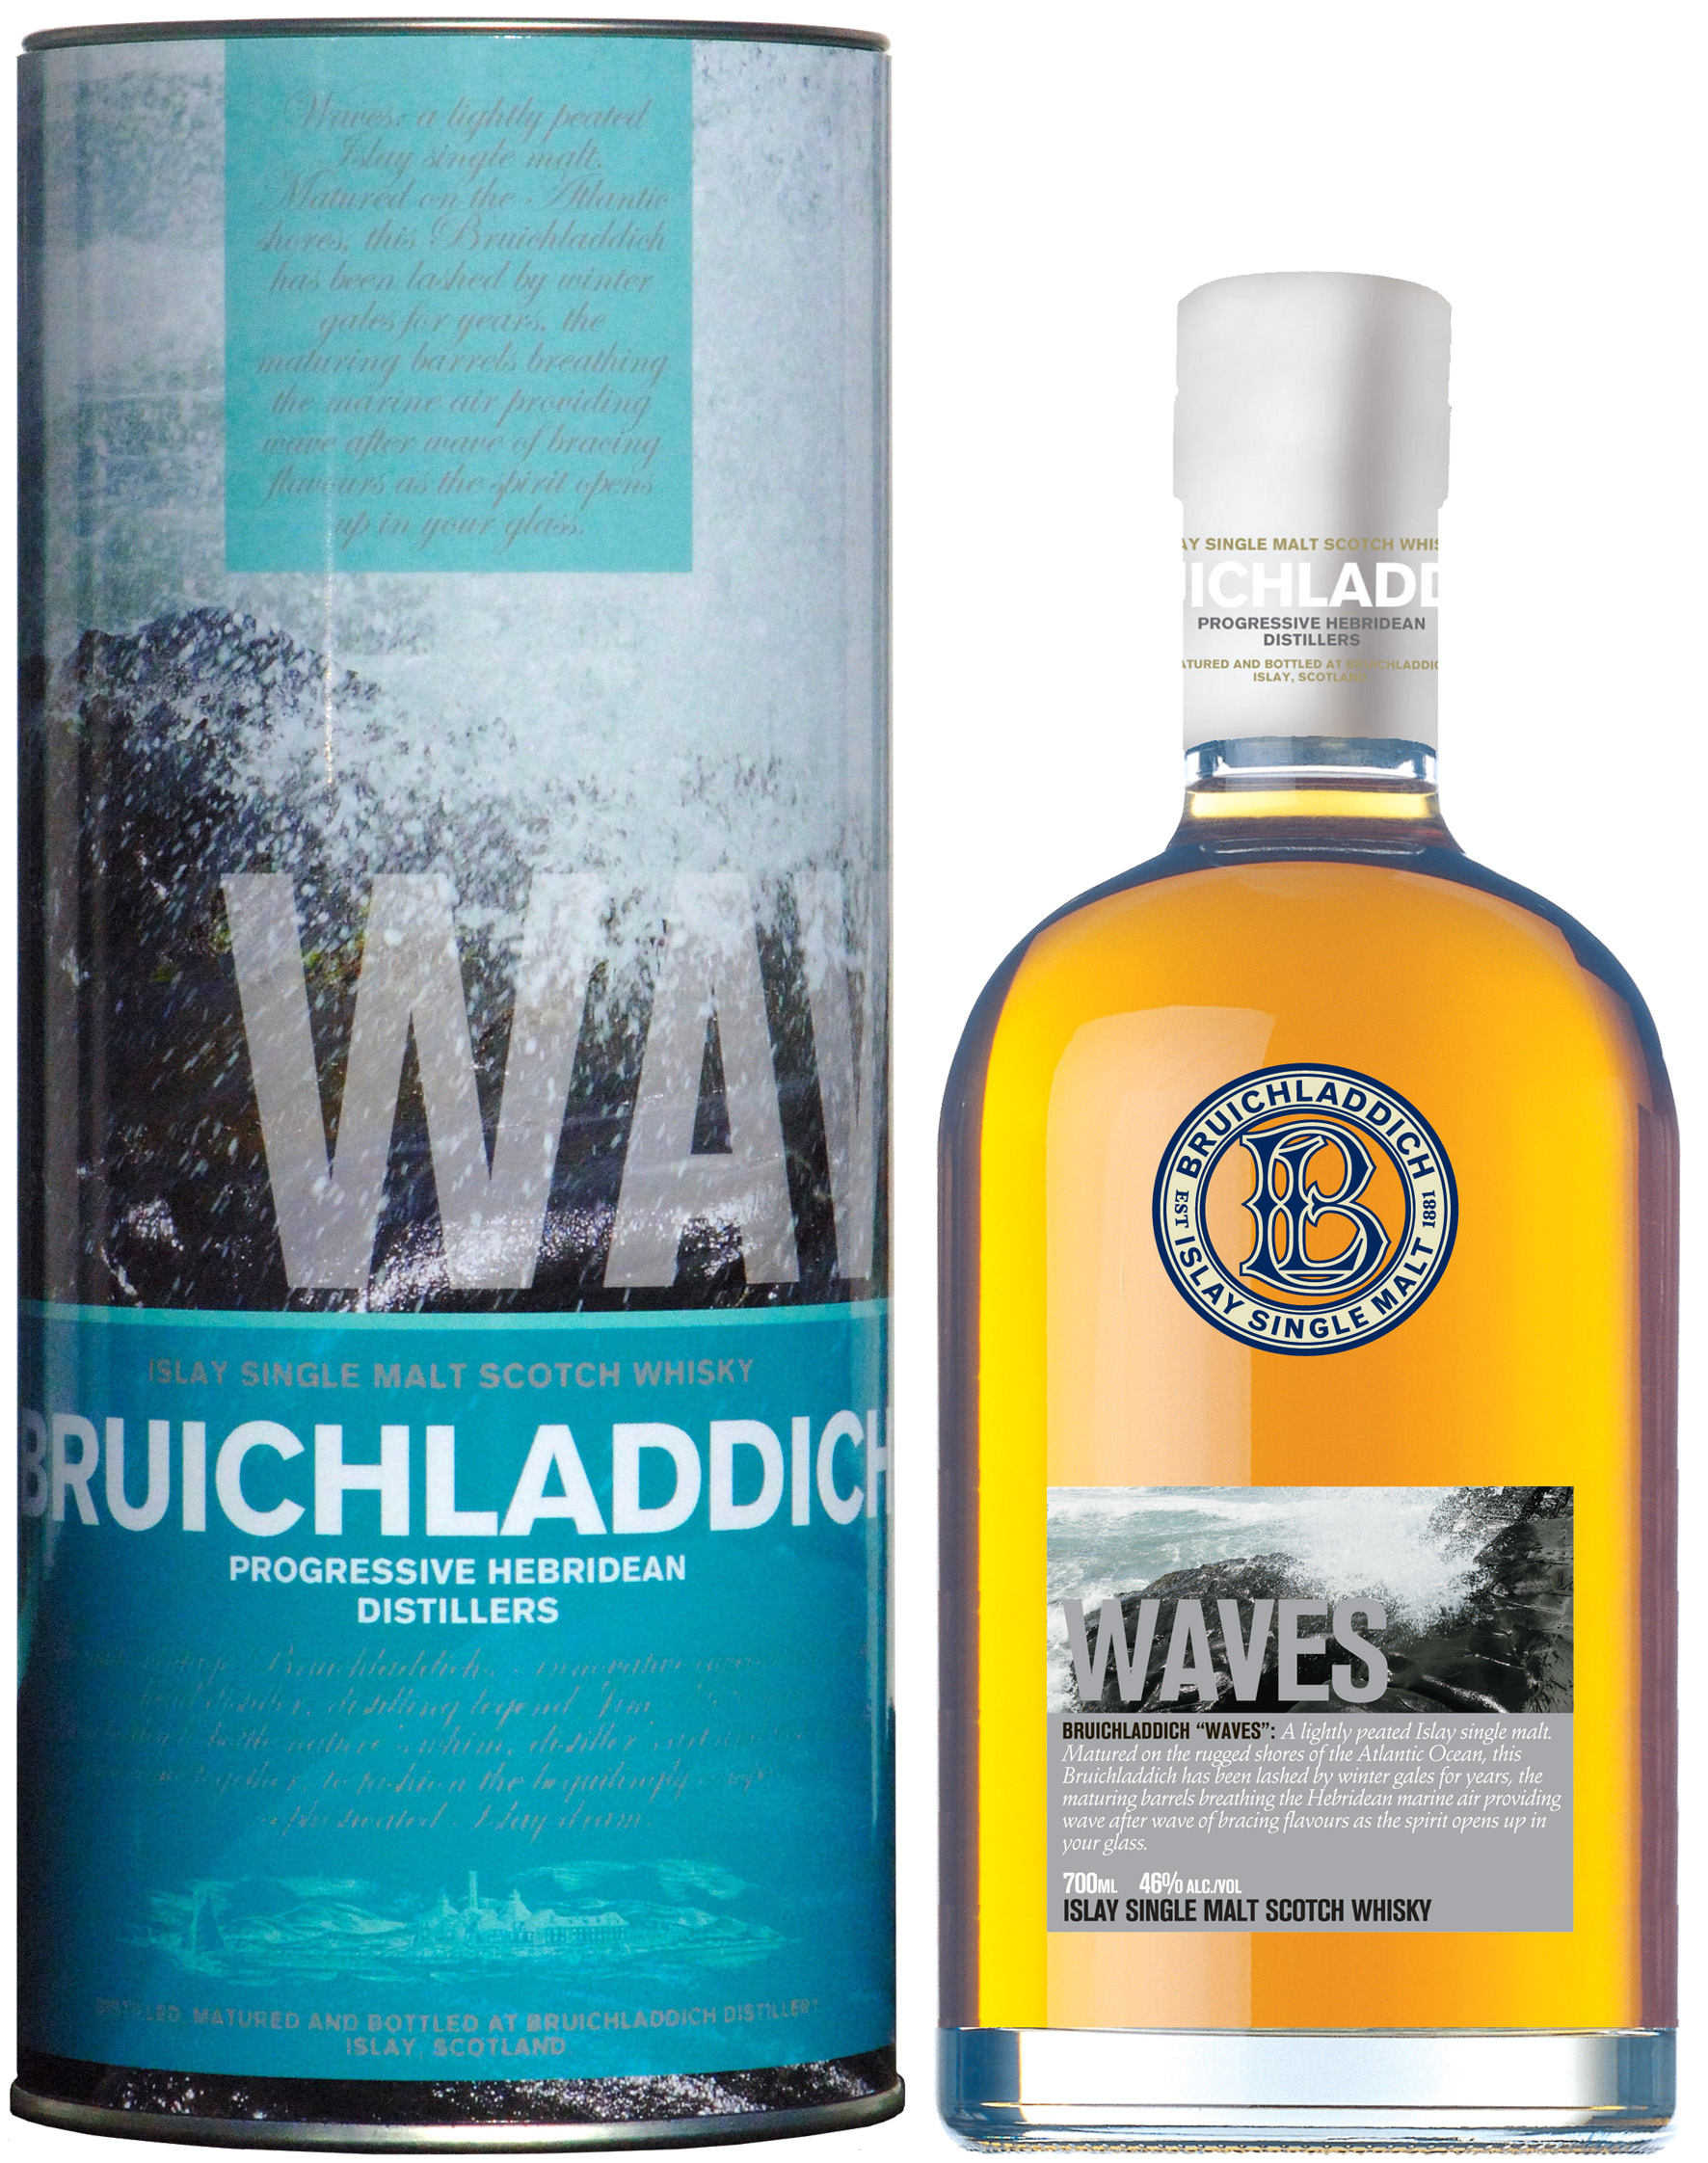 Bruichladdich Waves new